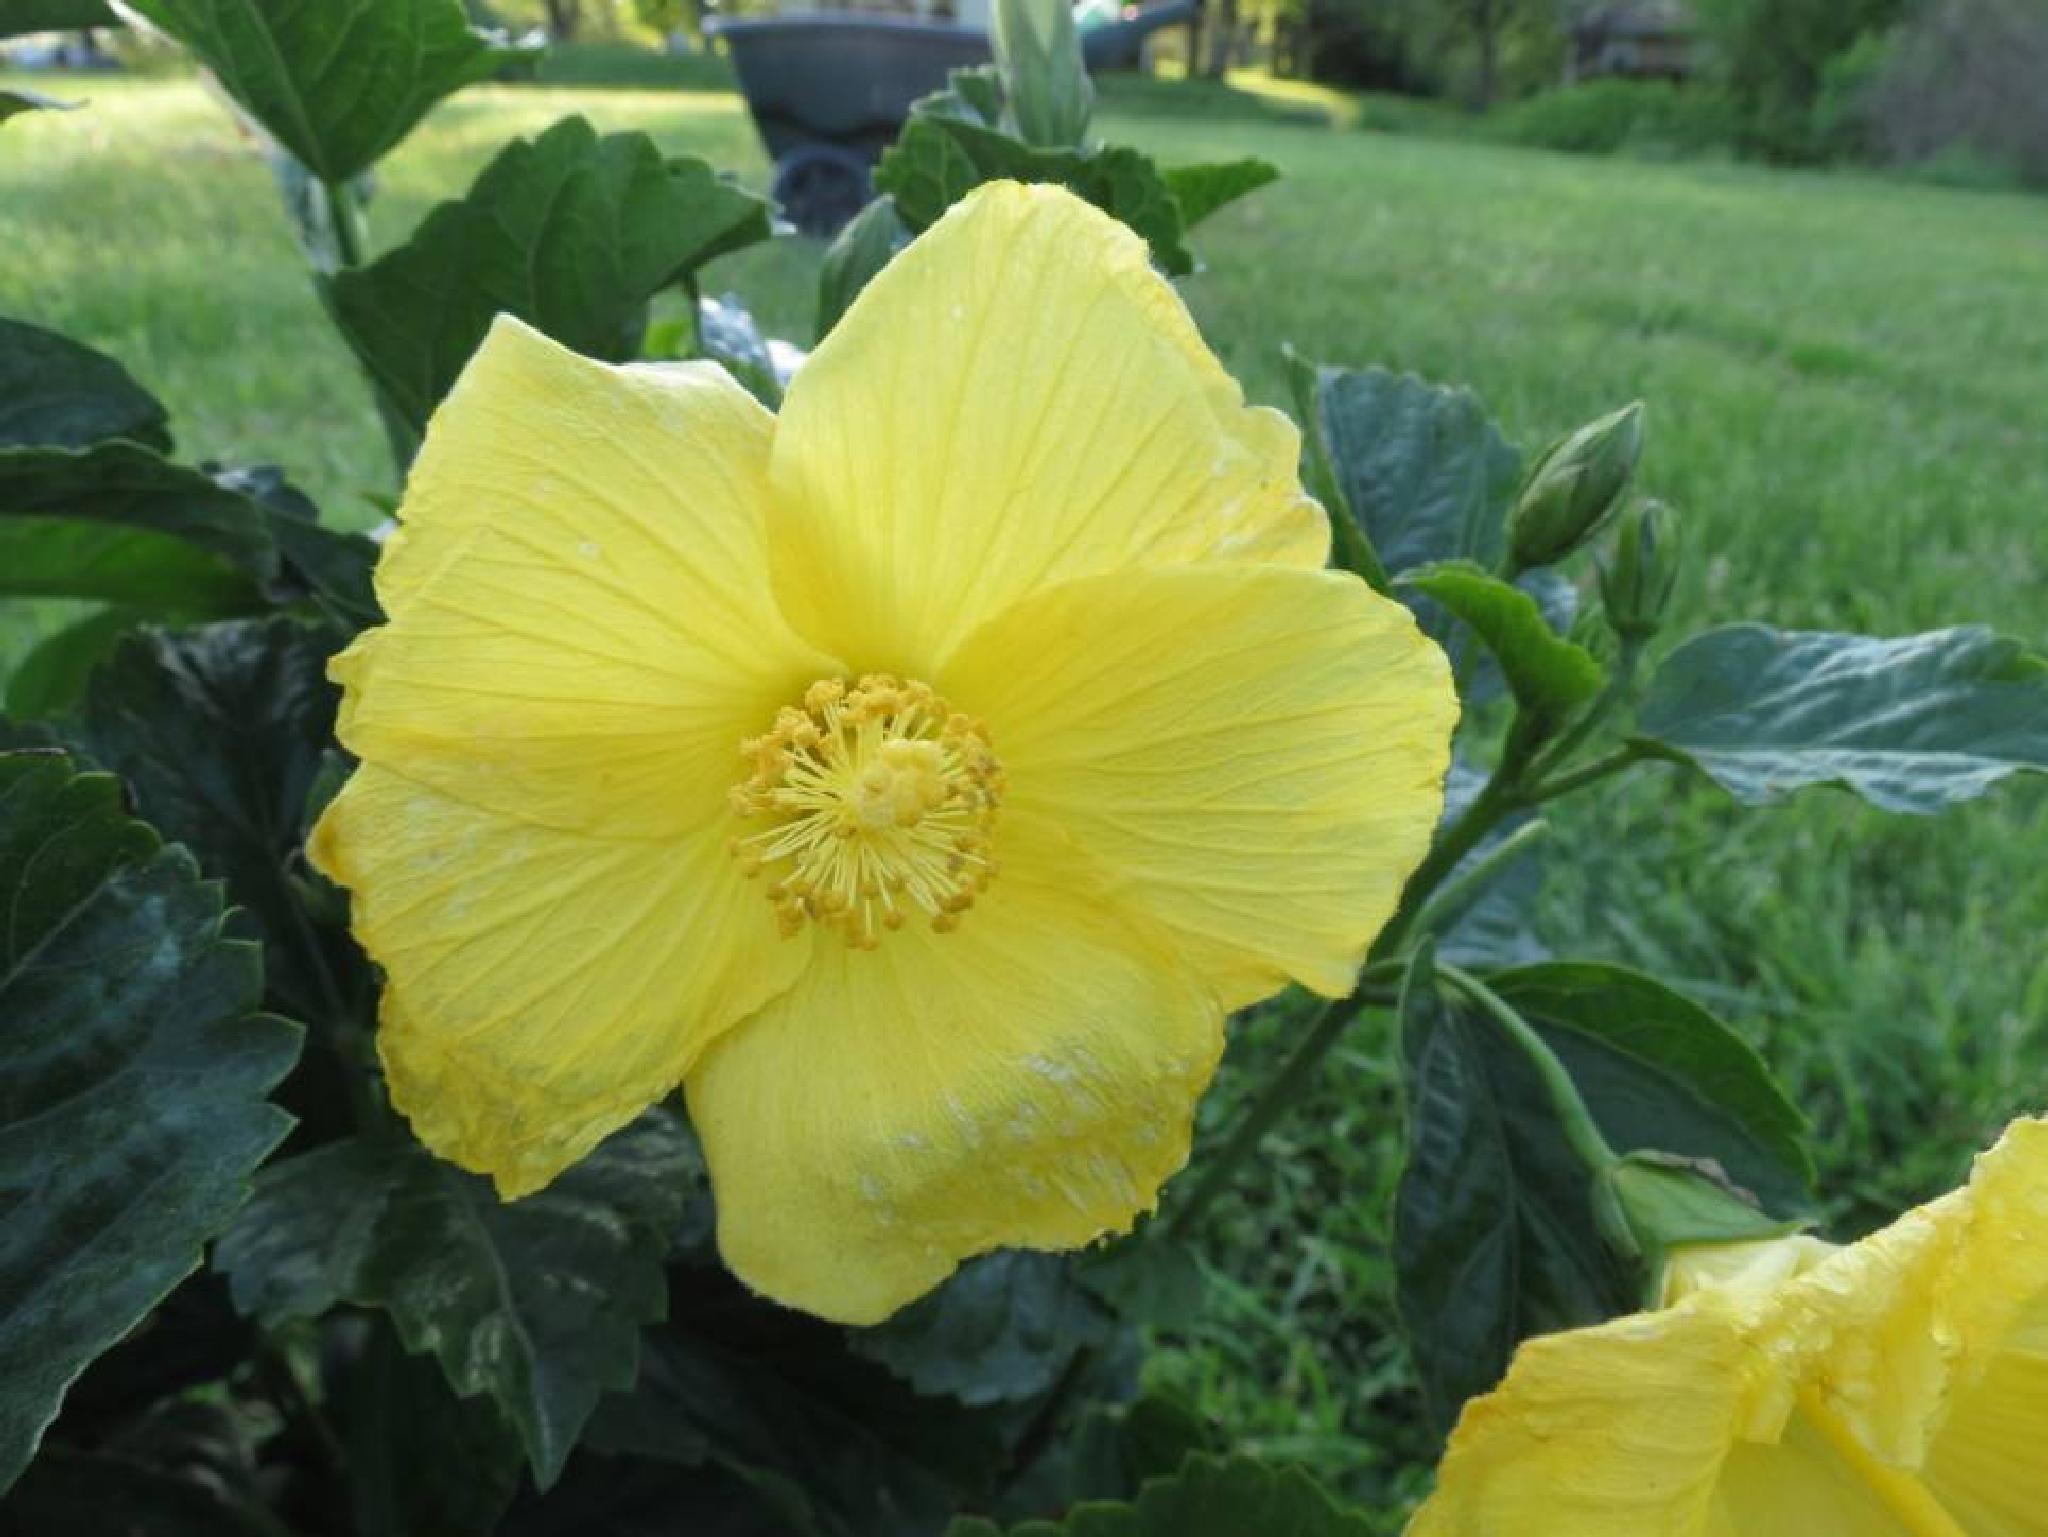 Hibiscus Bloom by pauline.burden.60